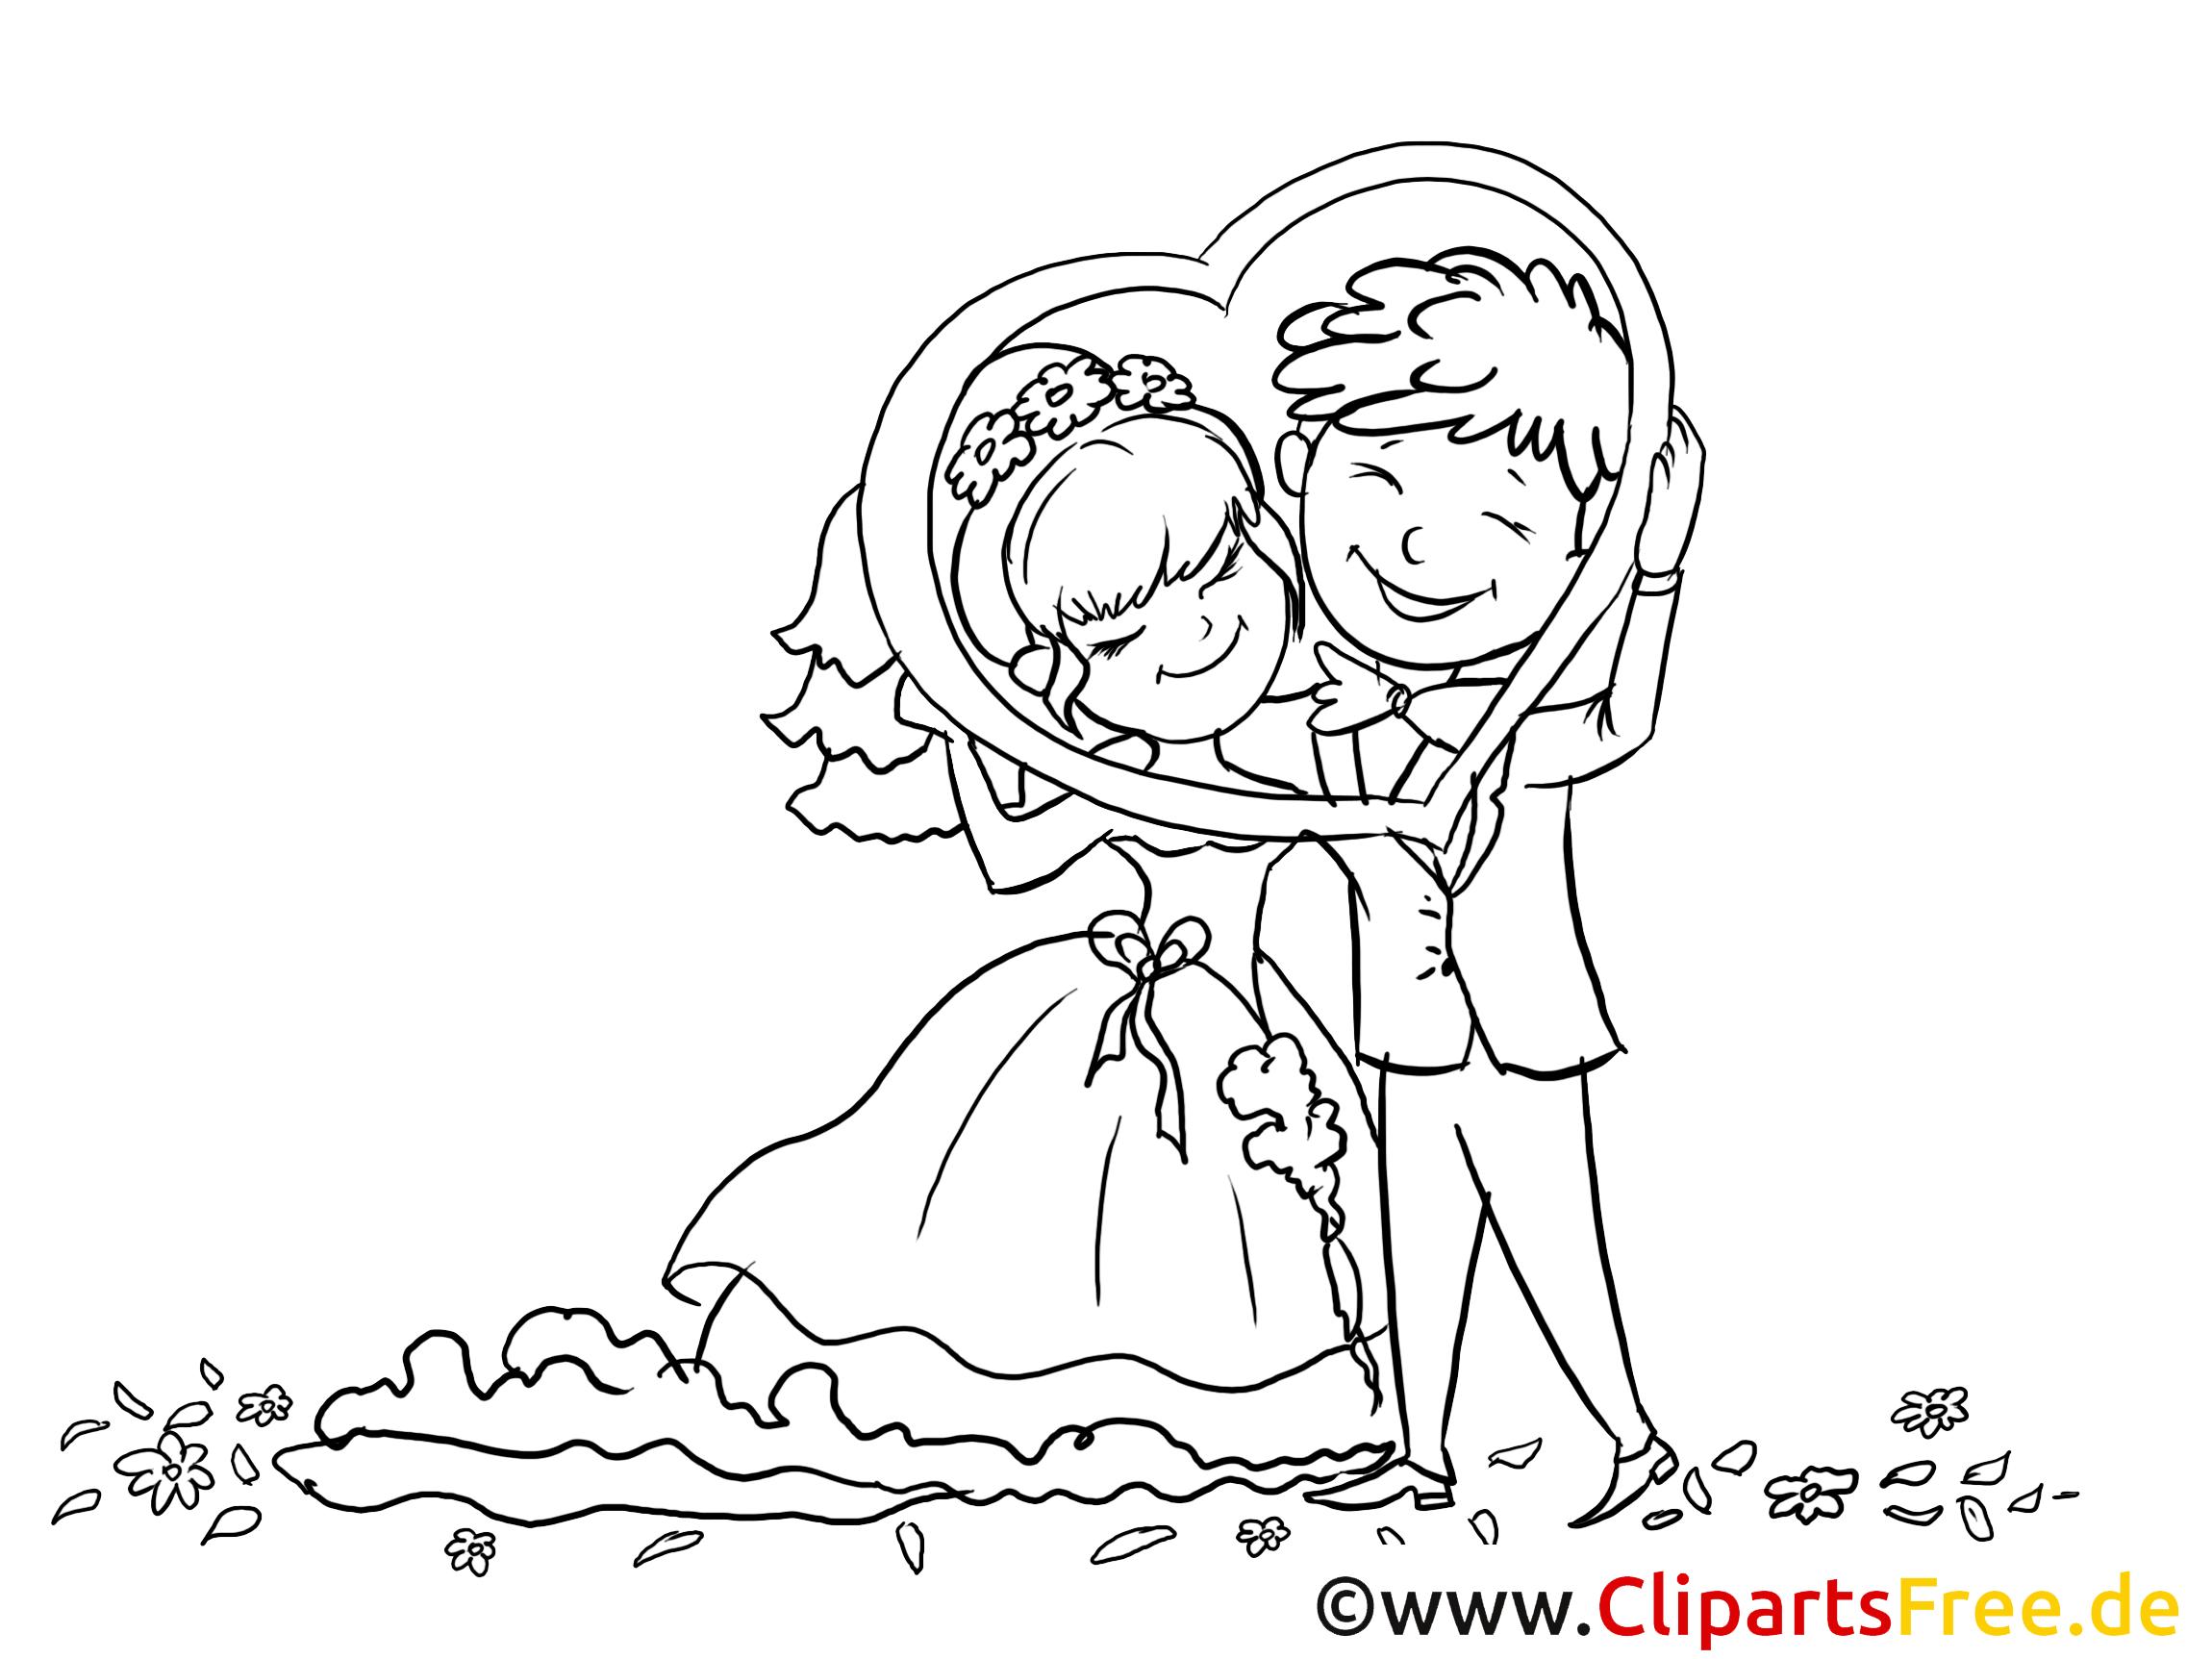 Coloriage gratuite couple - Mariage illustration